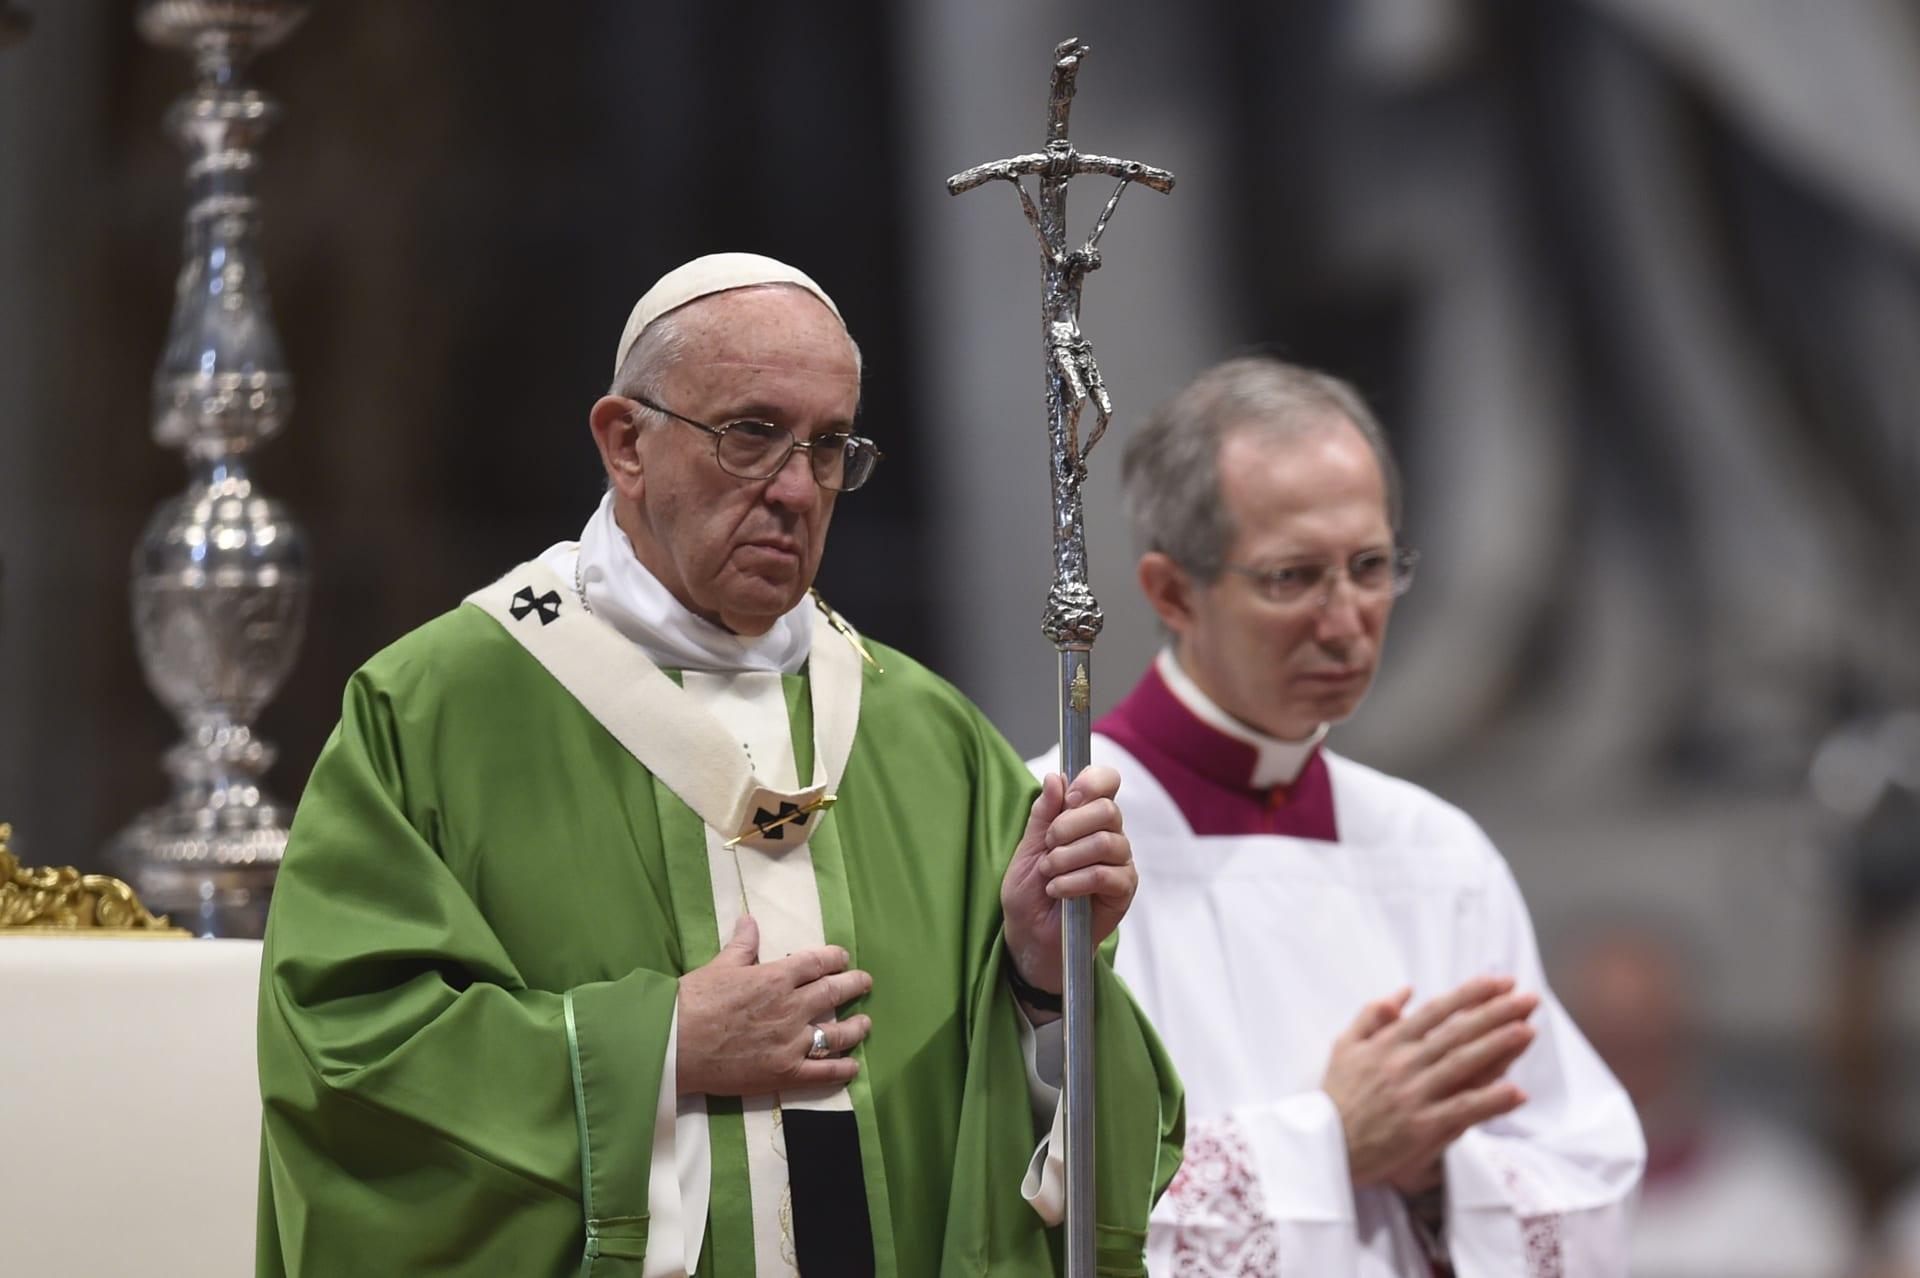 """الفاتيكان يحيي ذكرى إصدار وثيقة حولت اليهود من """"أعداء"""" إلى """"أصدقاء"""""""